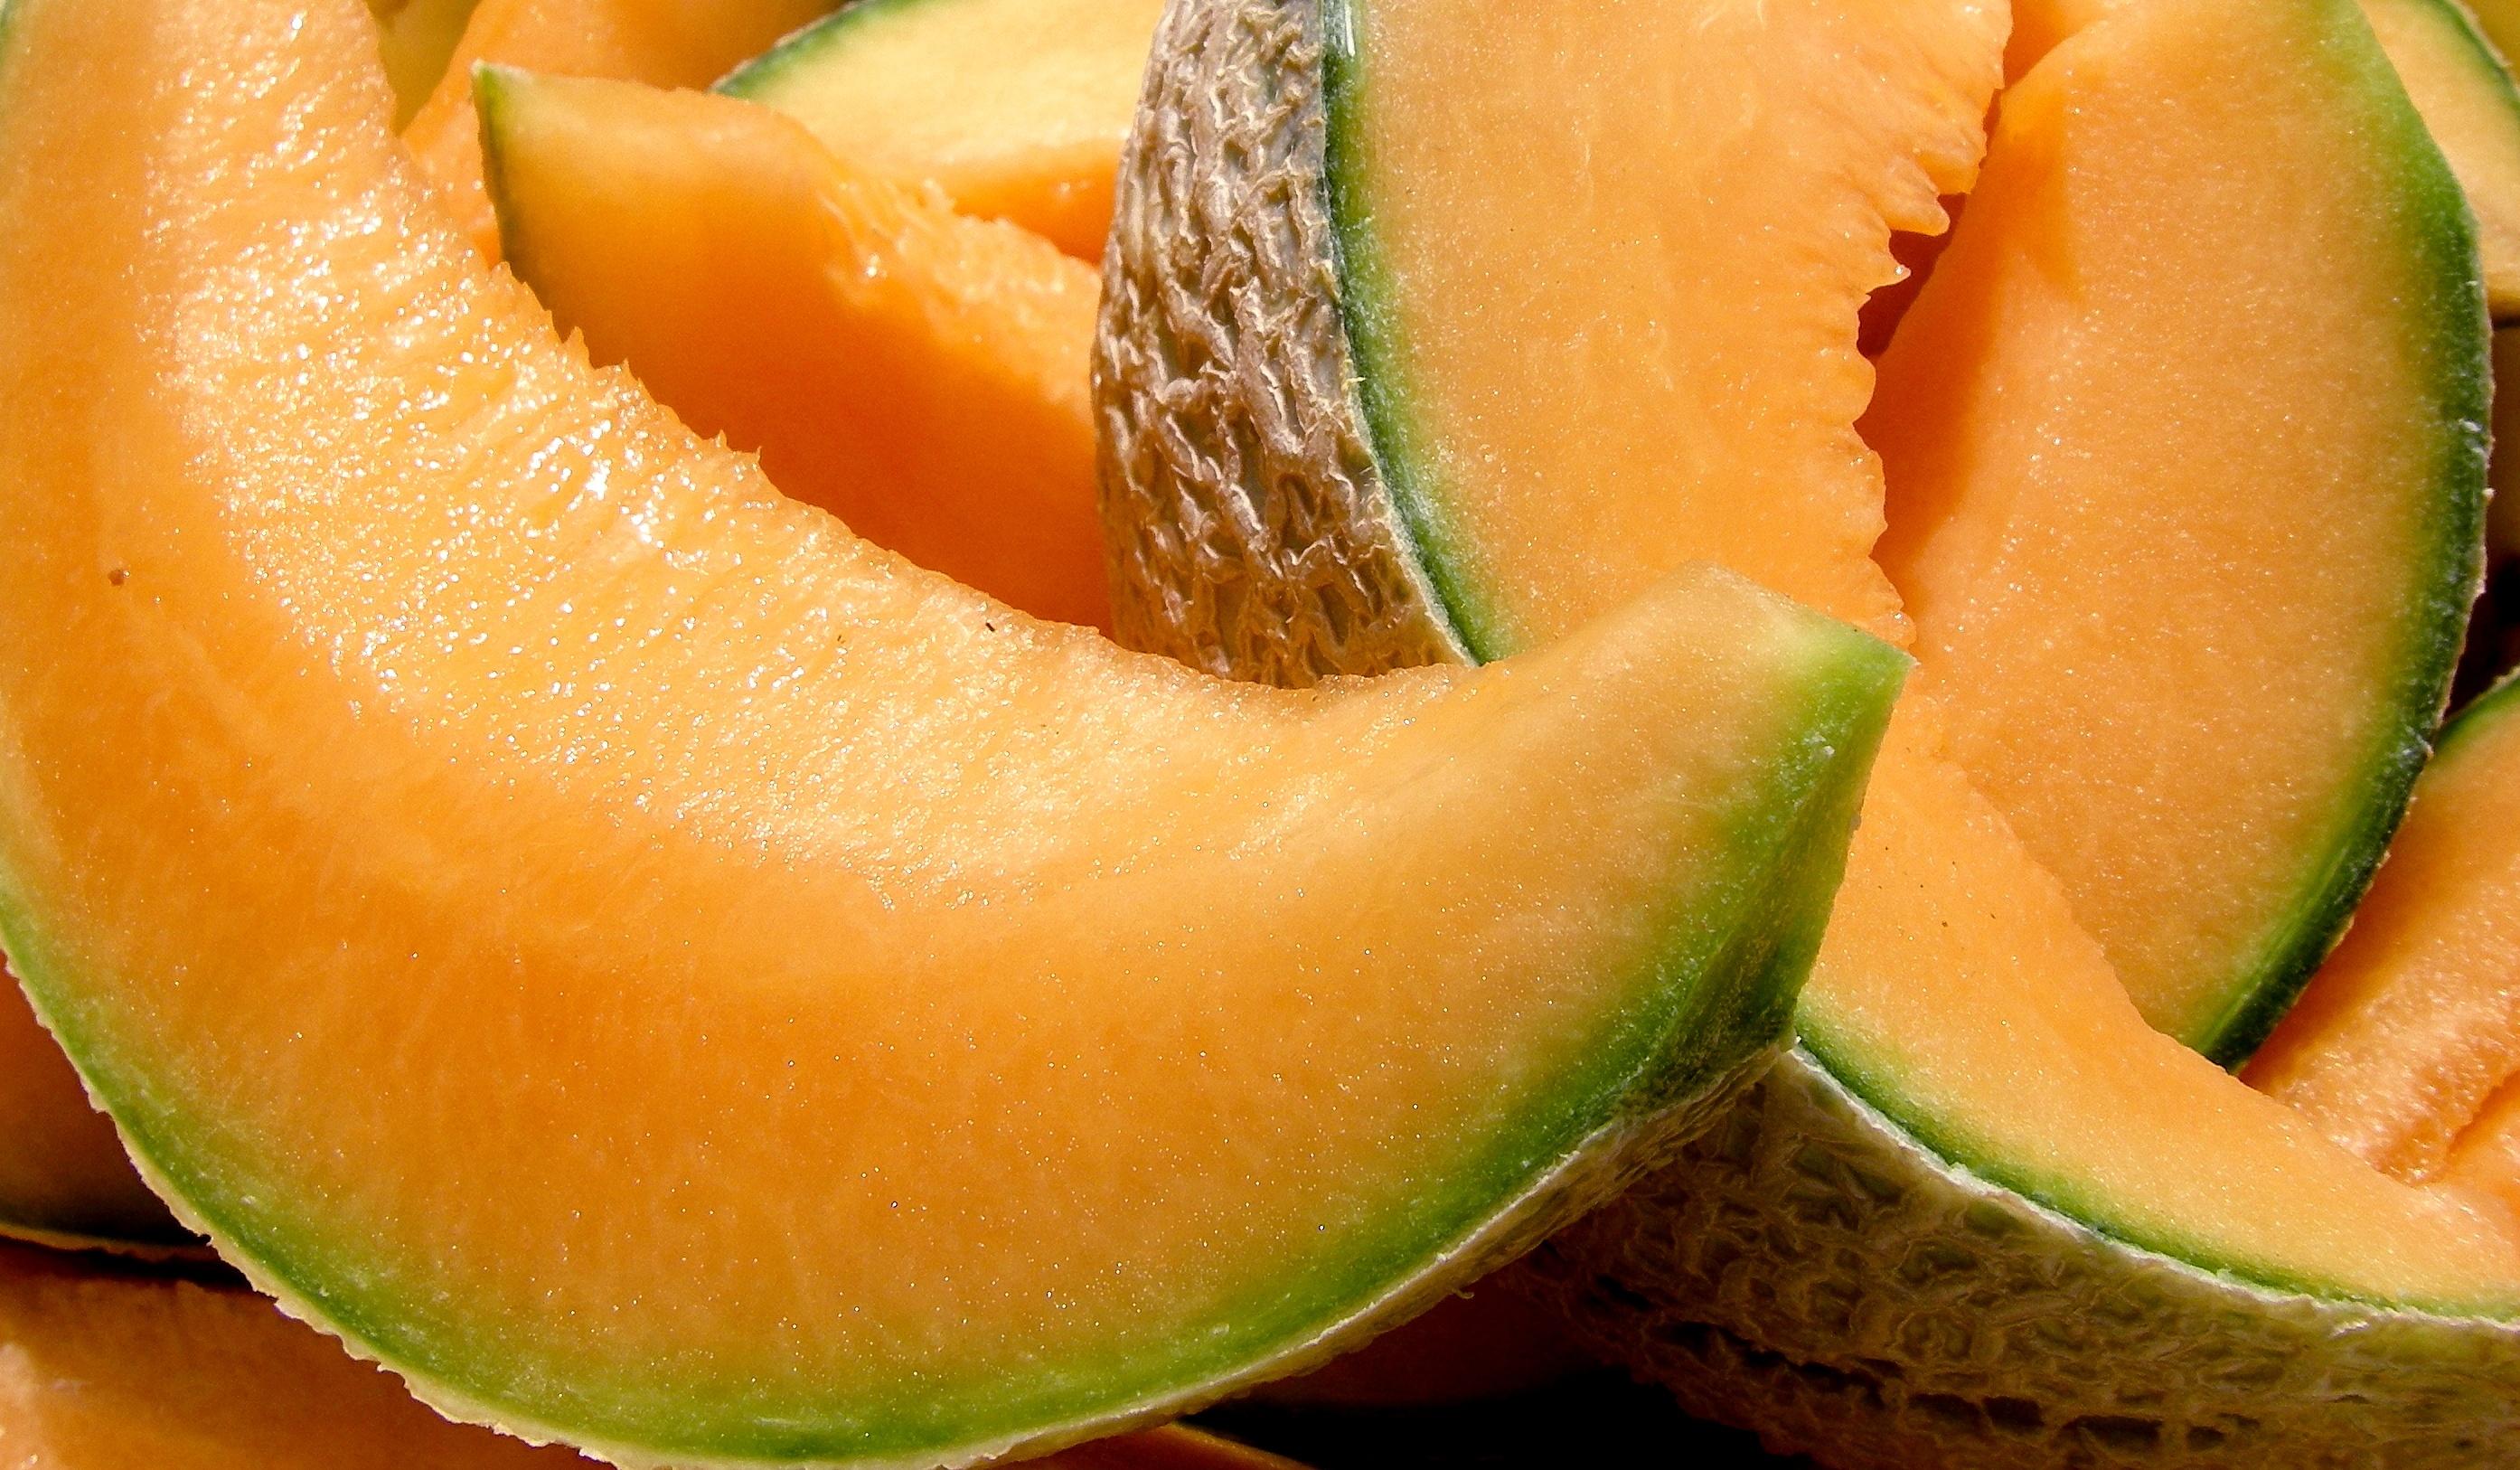 Soldive LPR melon